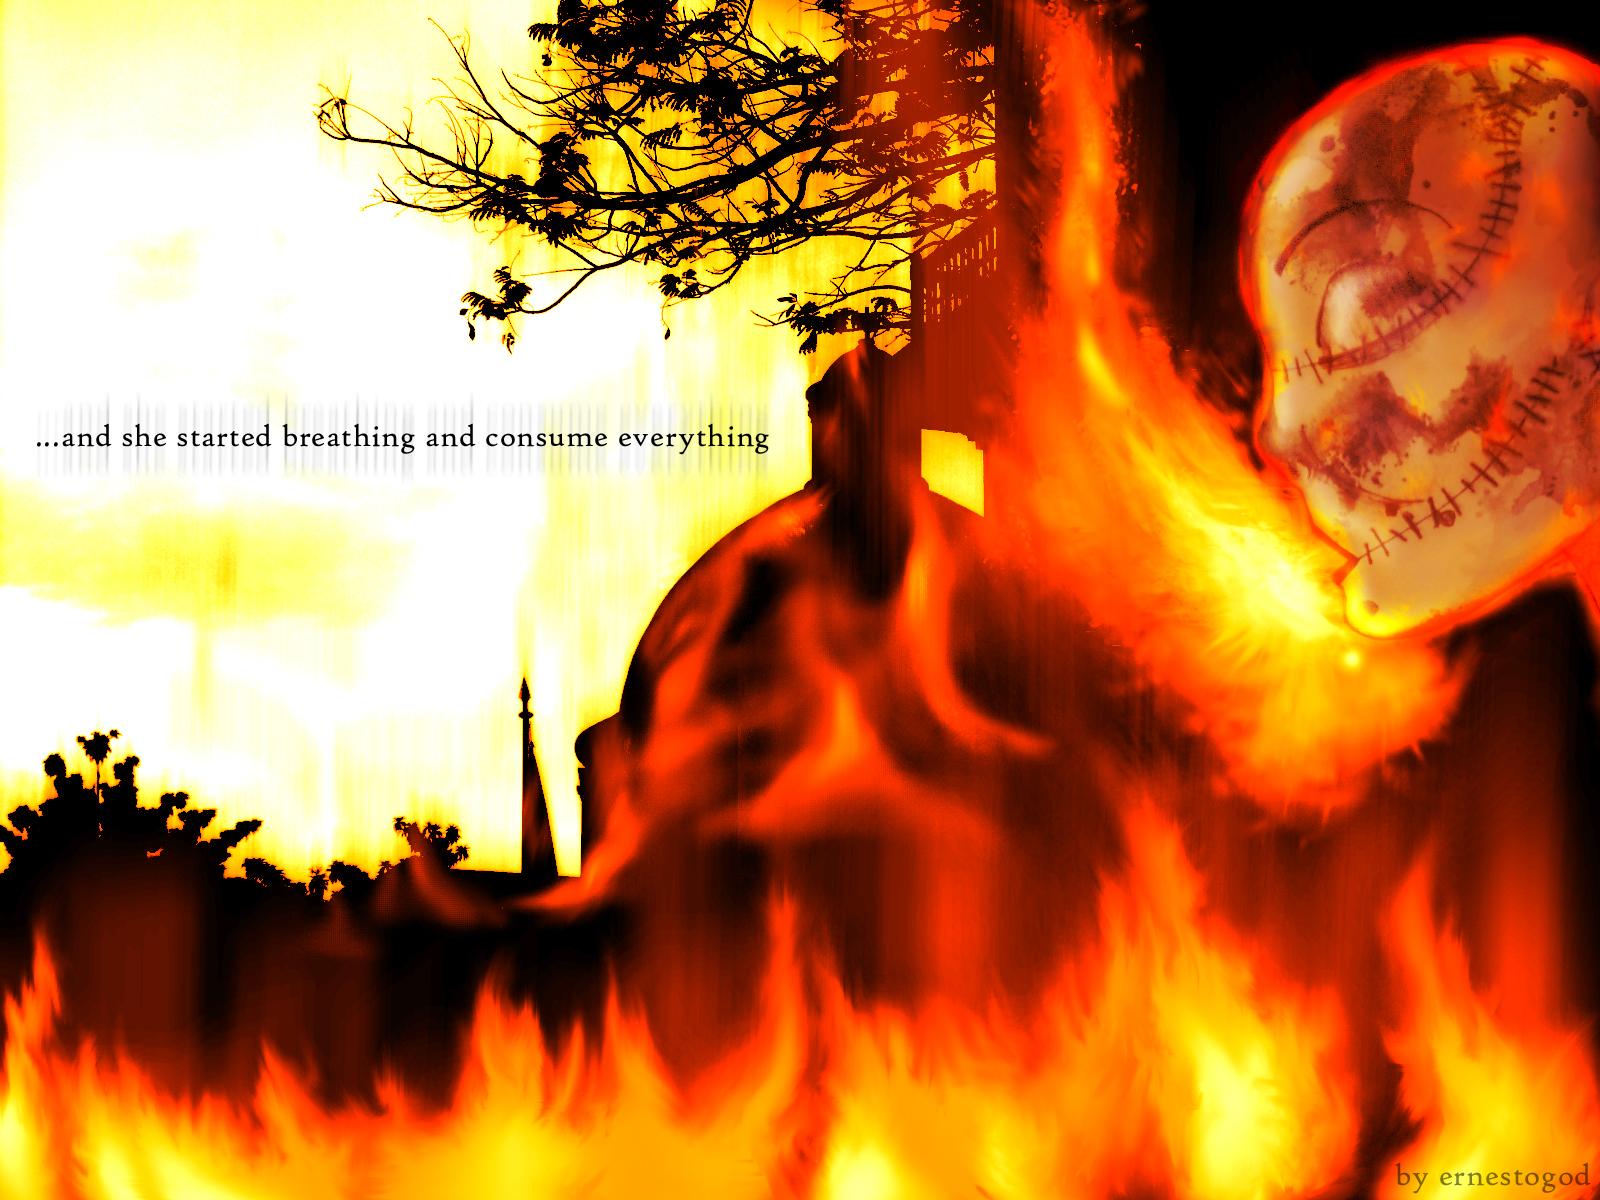 Burning Life...